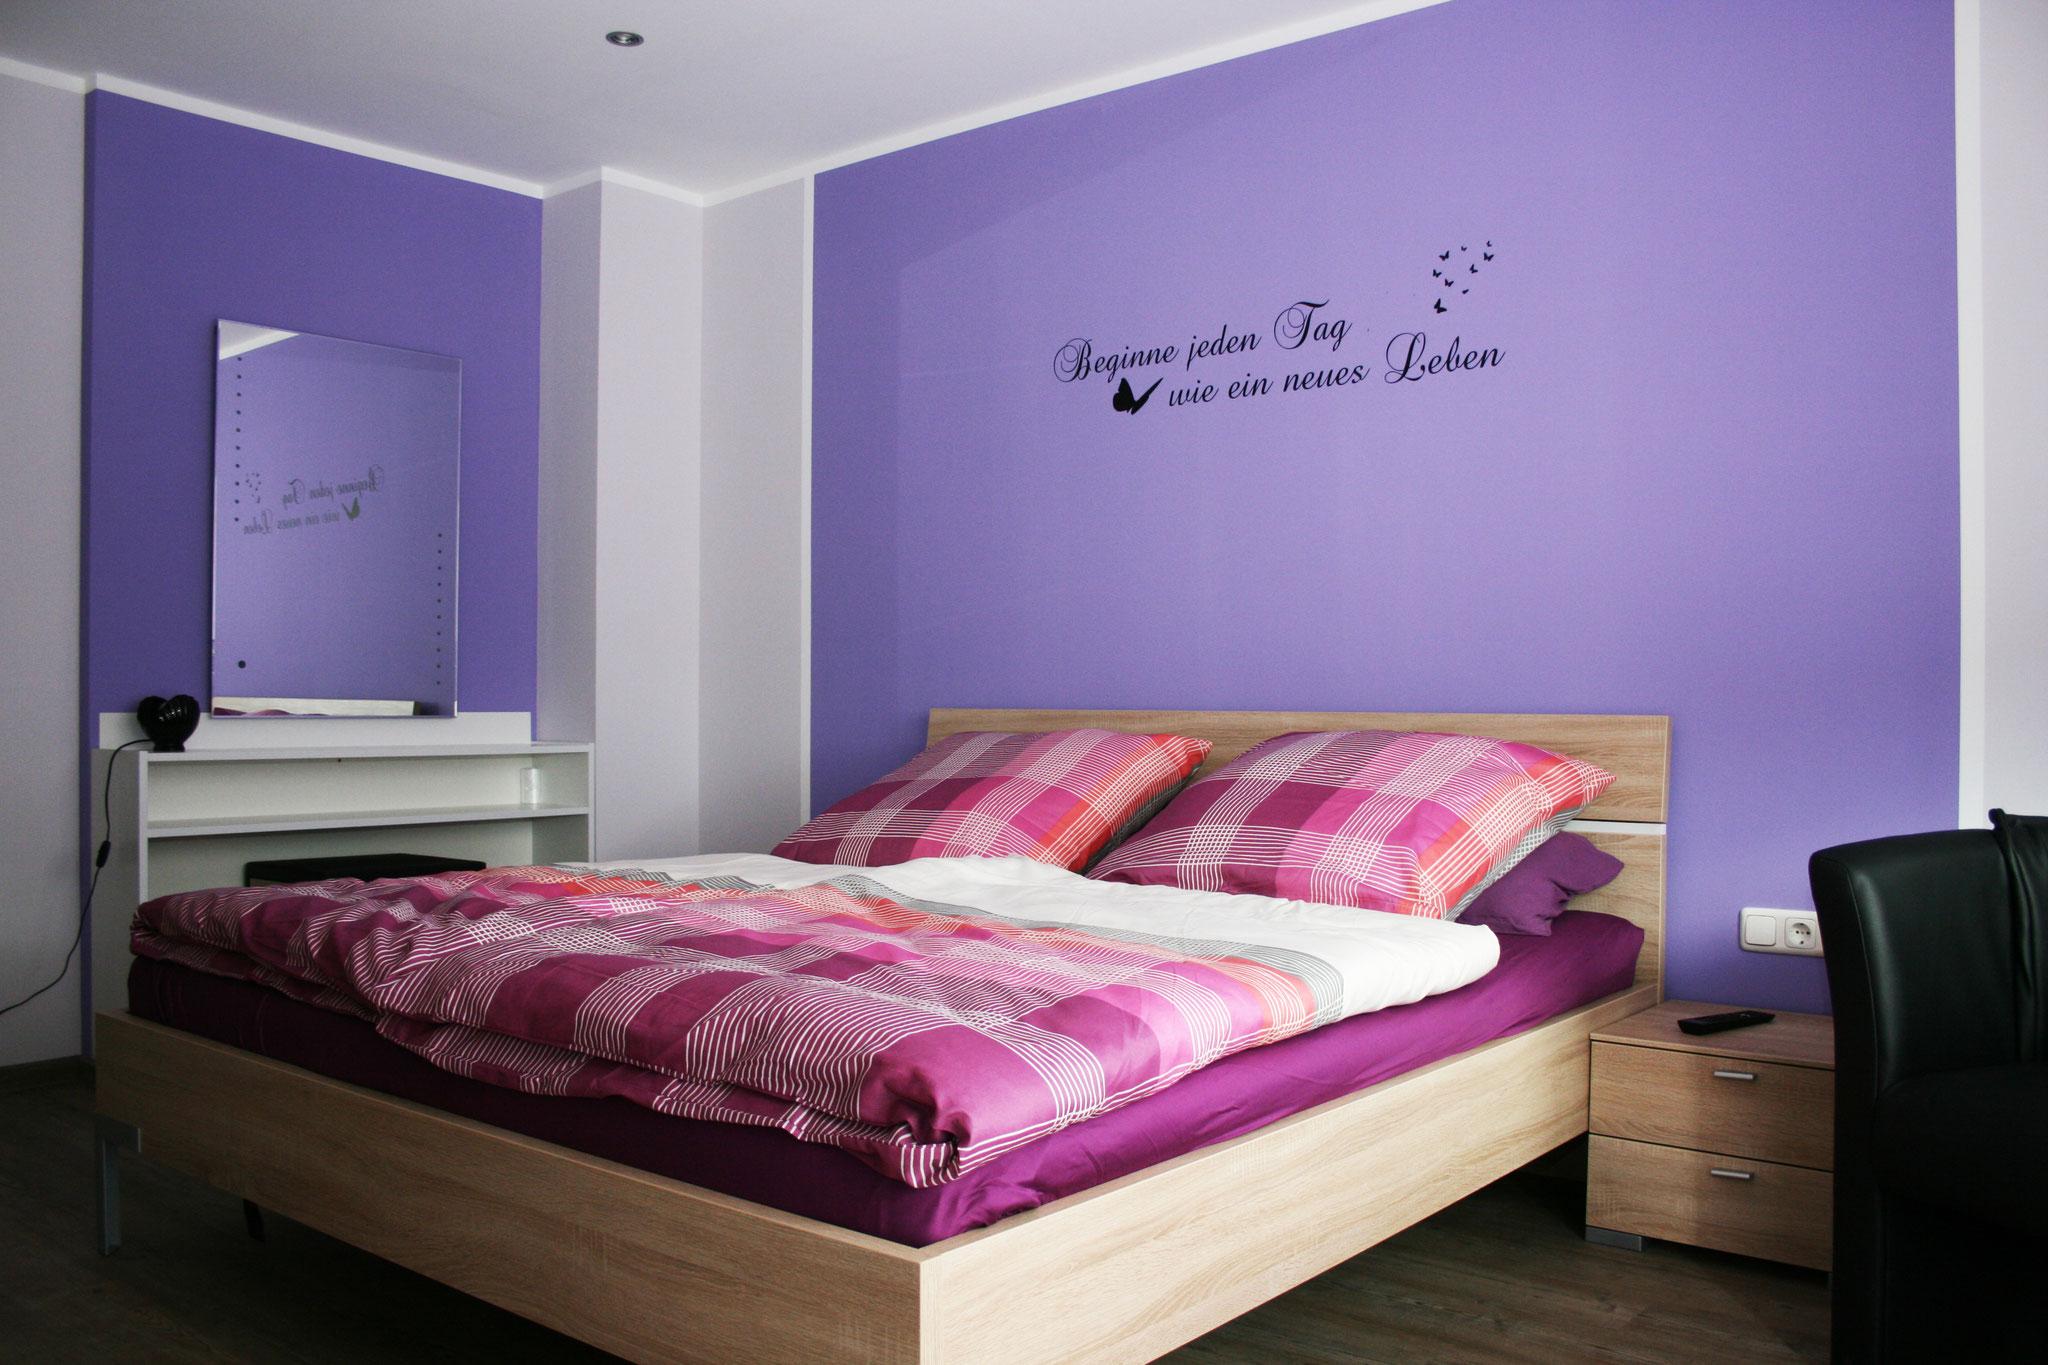 Modernes Schlafzimmer mit einem Schminktisch, Schrank und Flachbildfernseher